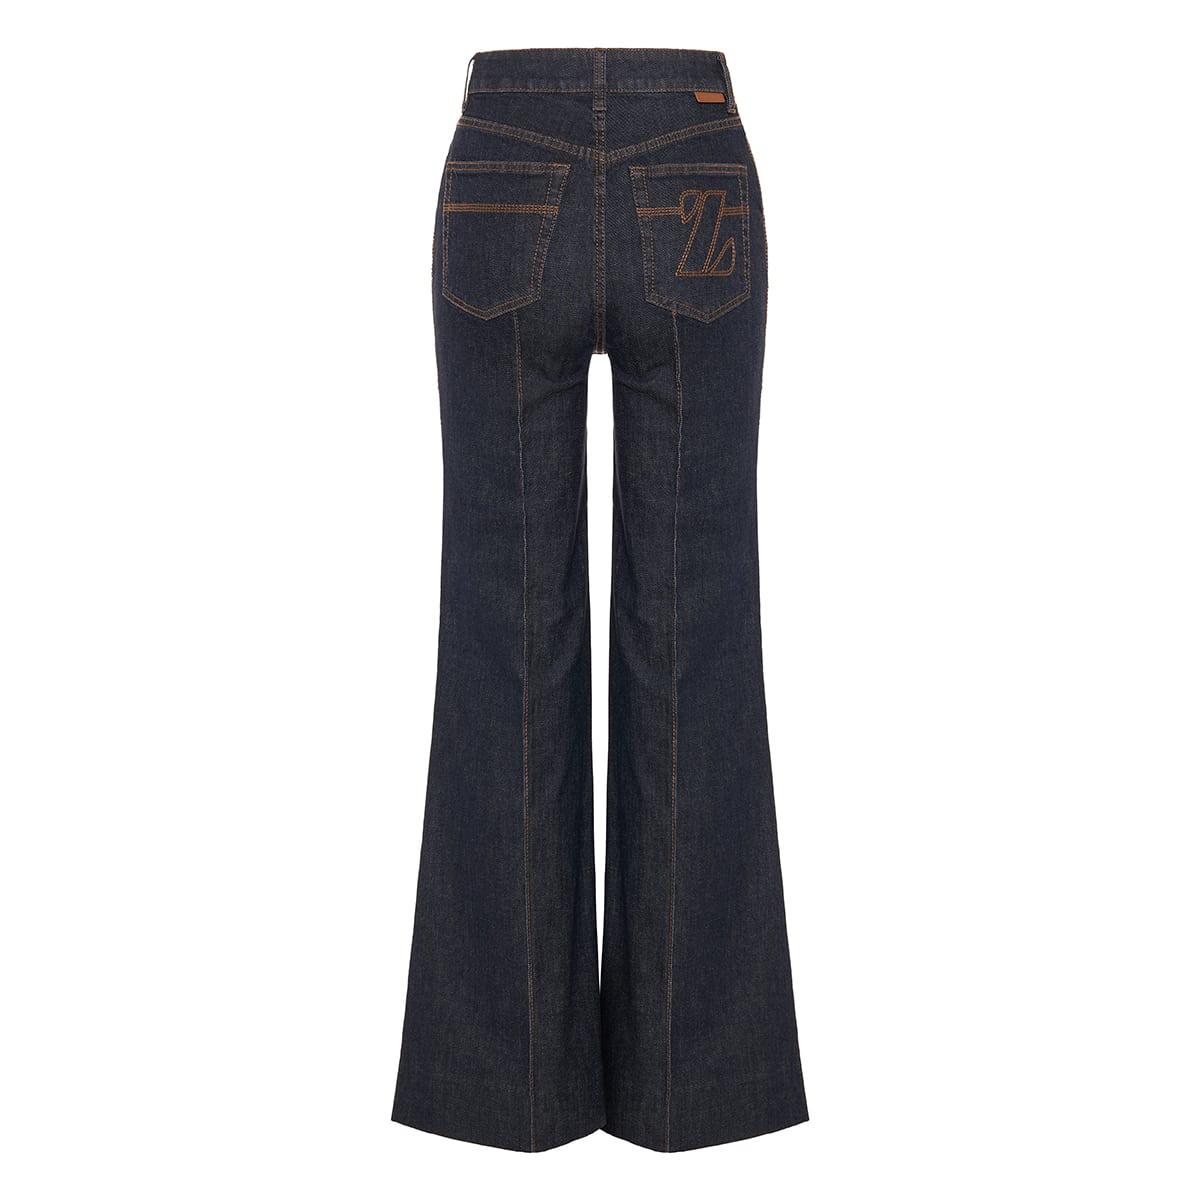 Concert super flare jeans